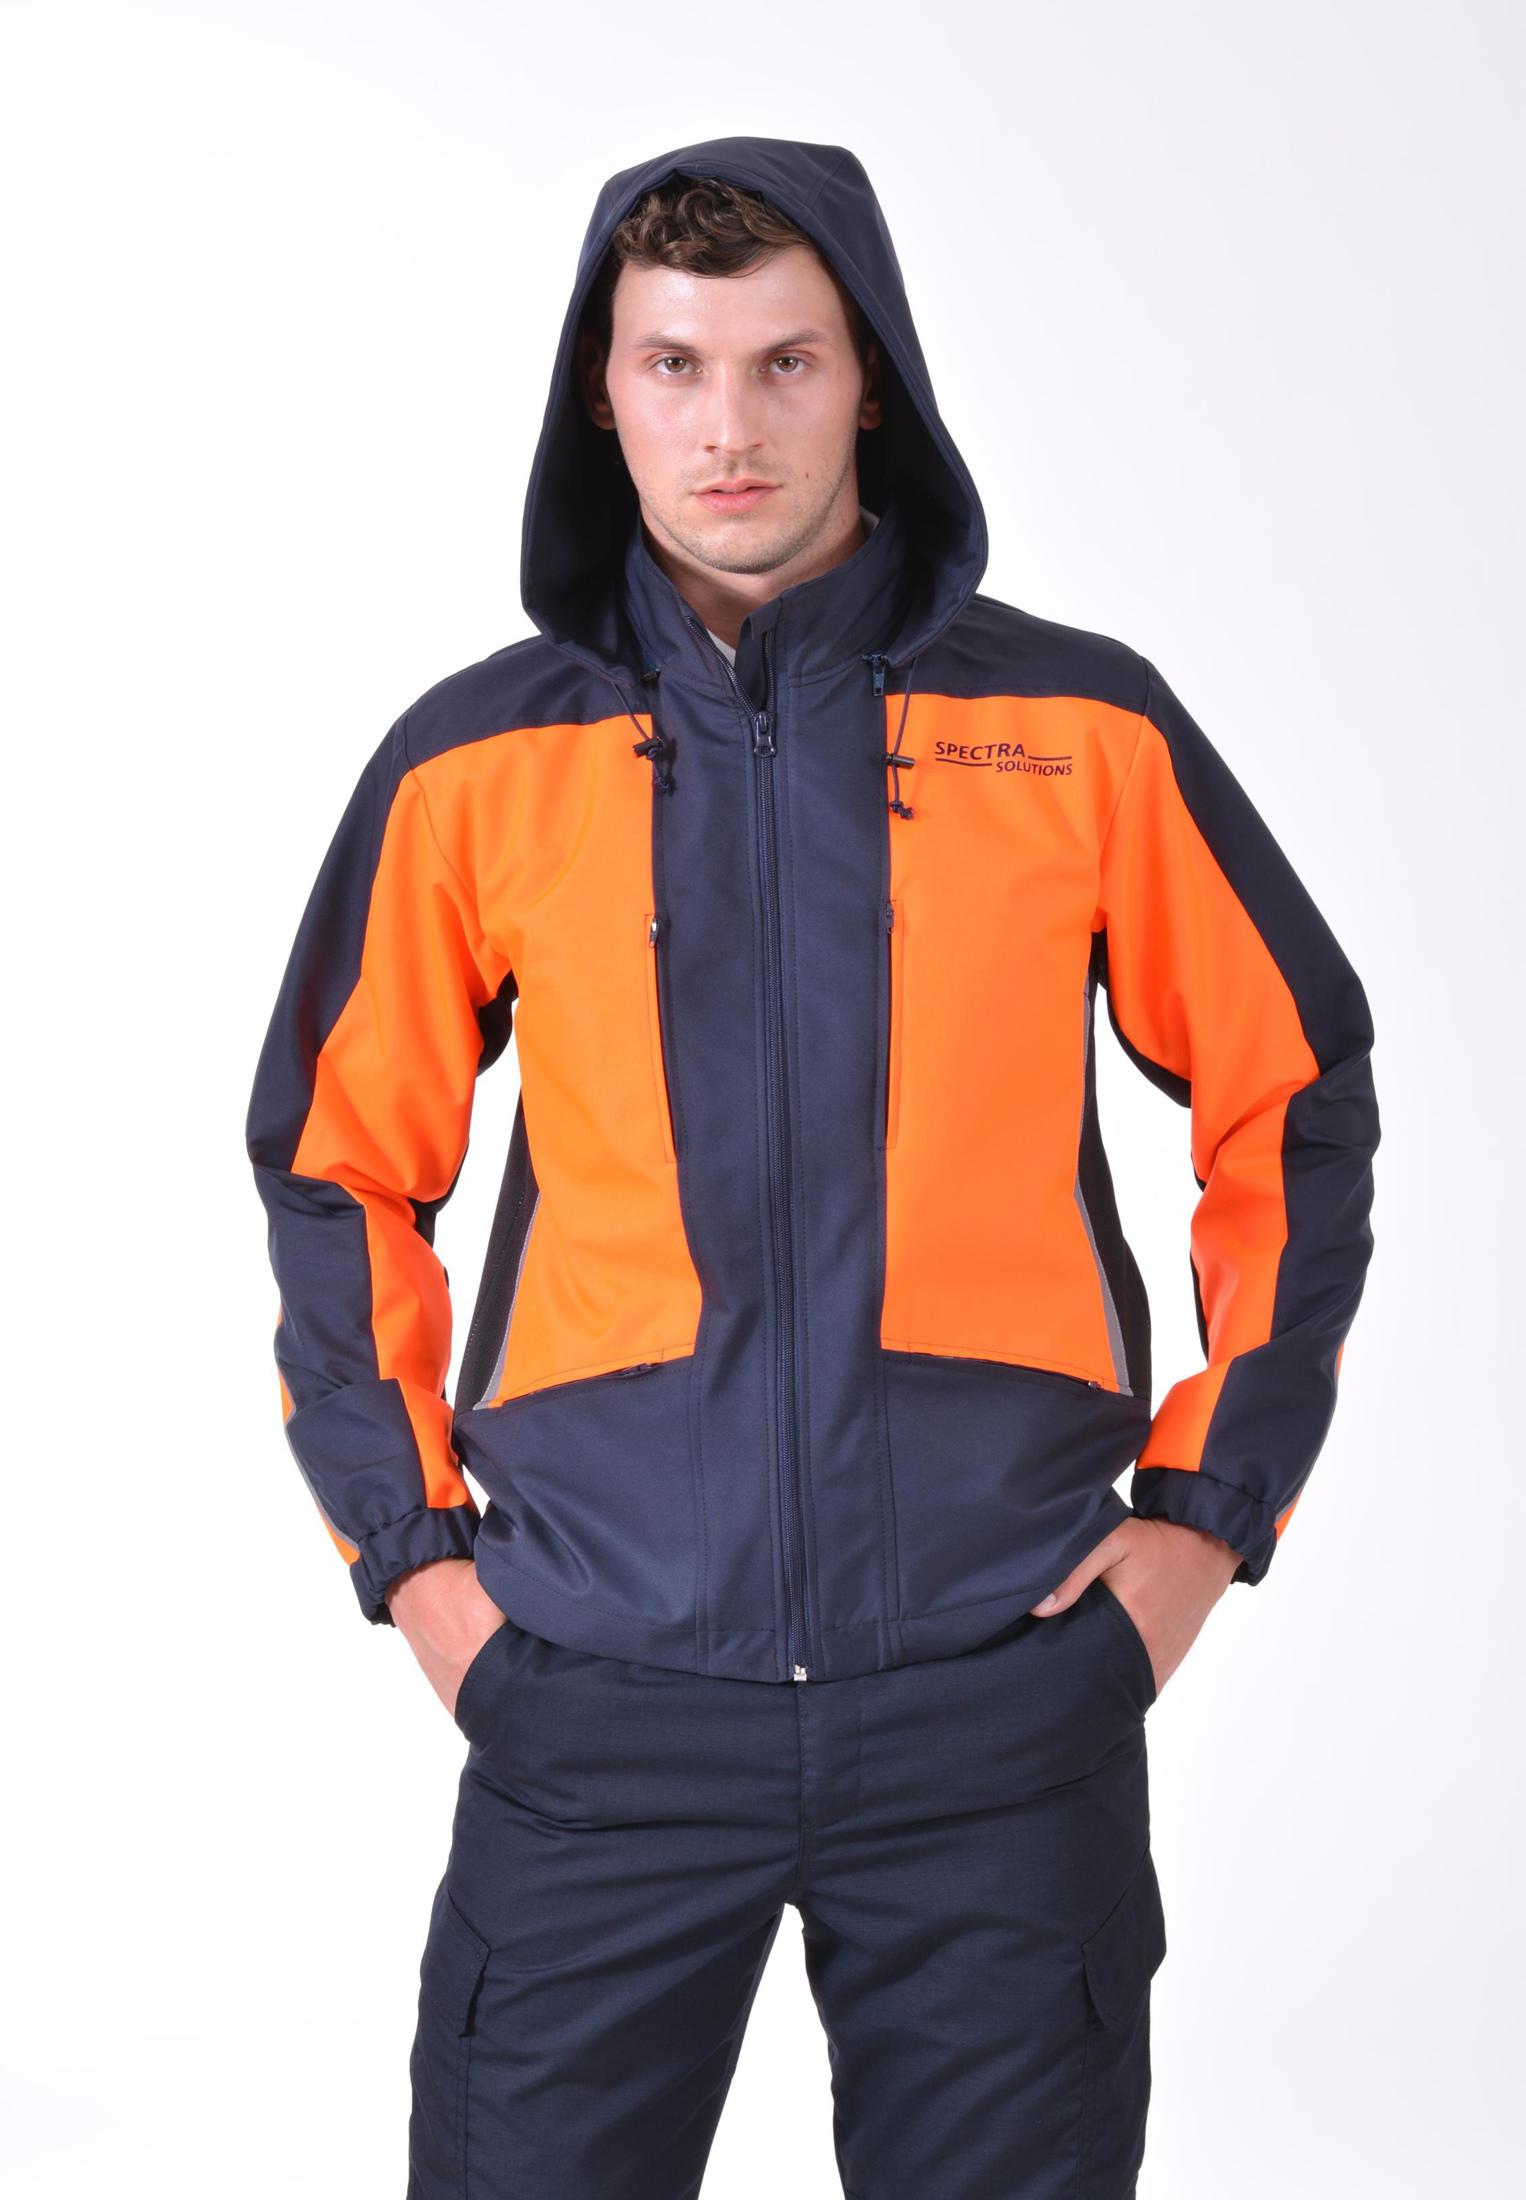 muška jakna hardshell, vodootporna, vjetrootporna. men's jacket hardshell, water repellent, windproof